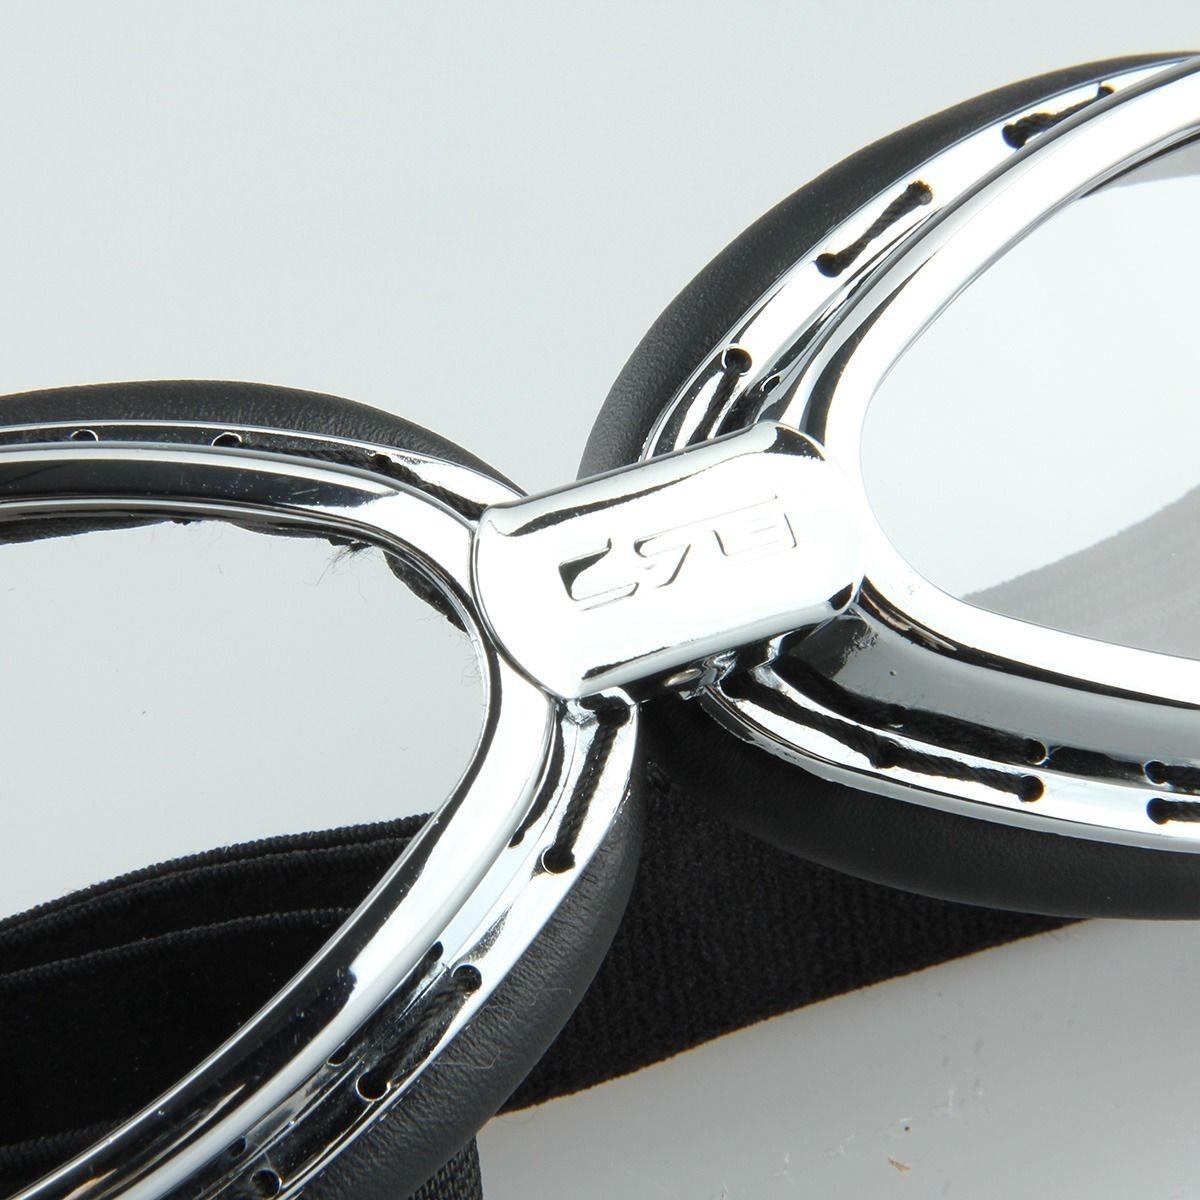 c4dc9ad54 Oculos De Motociclismo Tipo Aviador - R$ 63,00 em Mercado Livre